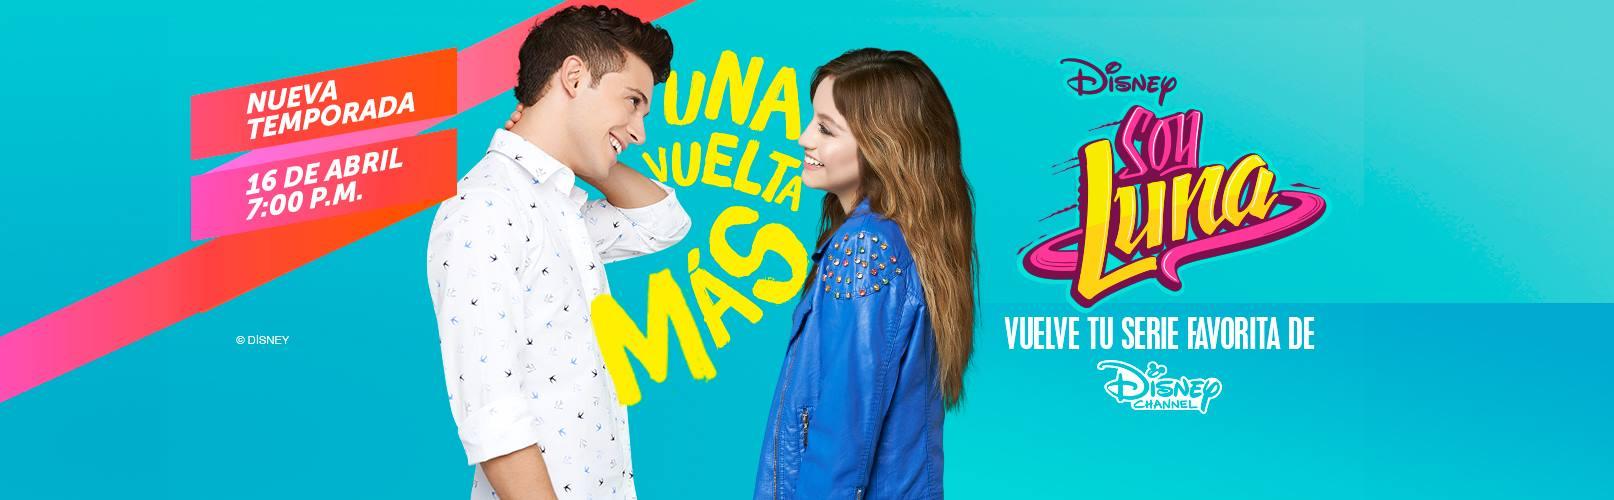 Todos Los Capitulos De Soy Luna 1 2 Y 3 En Streaming Completo Hd Teen Serie Tu Serie Favorita Bia Y Go